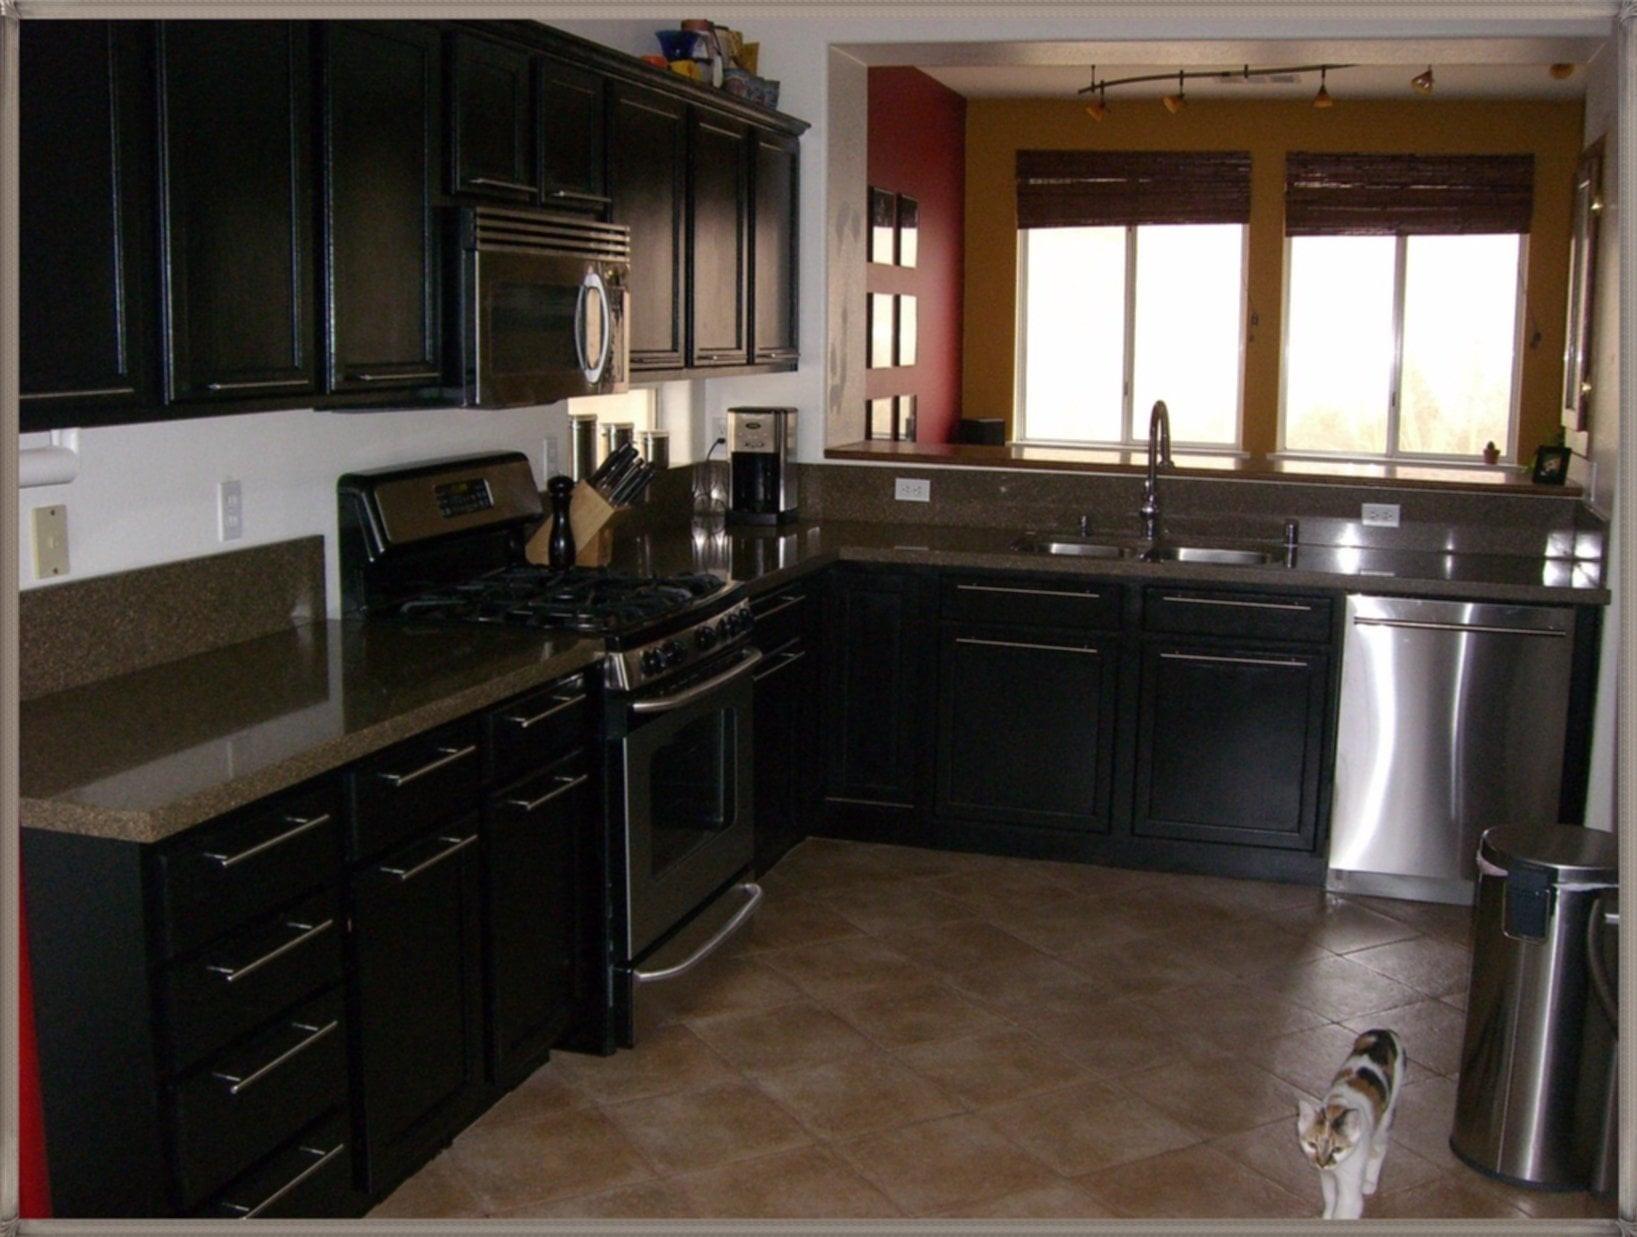 Modern Handles For Kitchen Cabinet  Kitchen Cabinet Handles – Loccie Better Homes Gardens Ideas